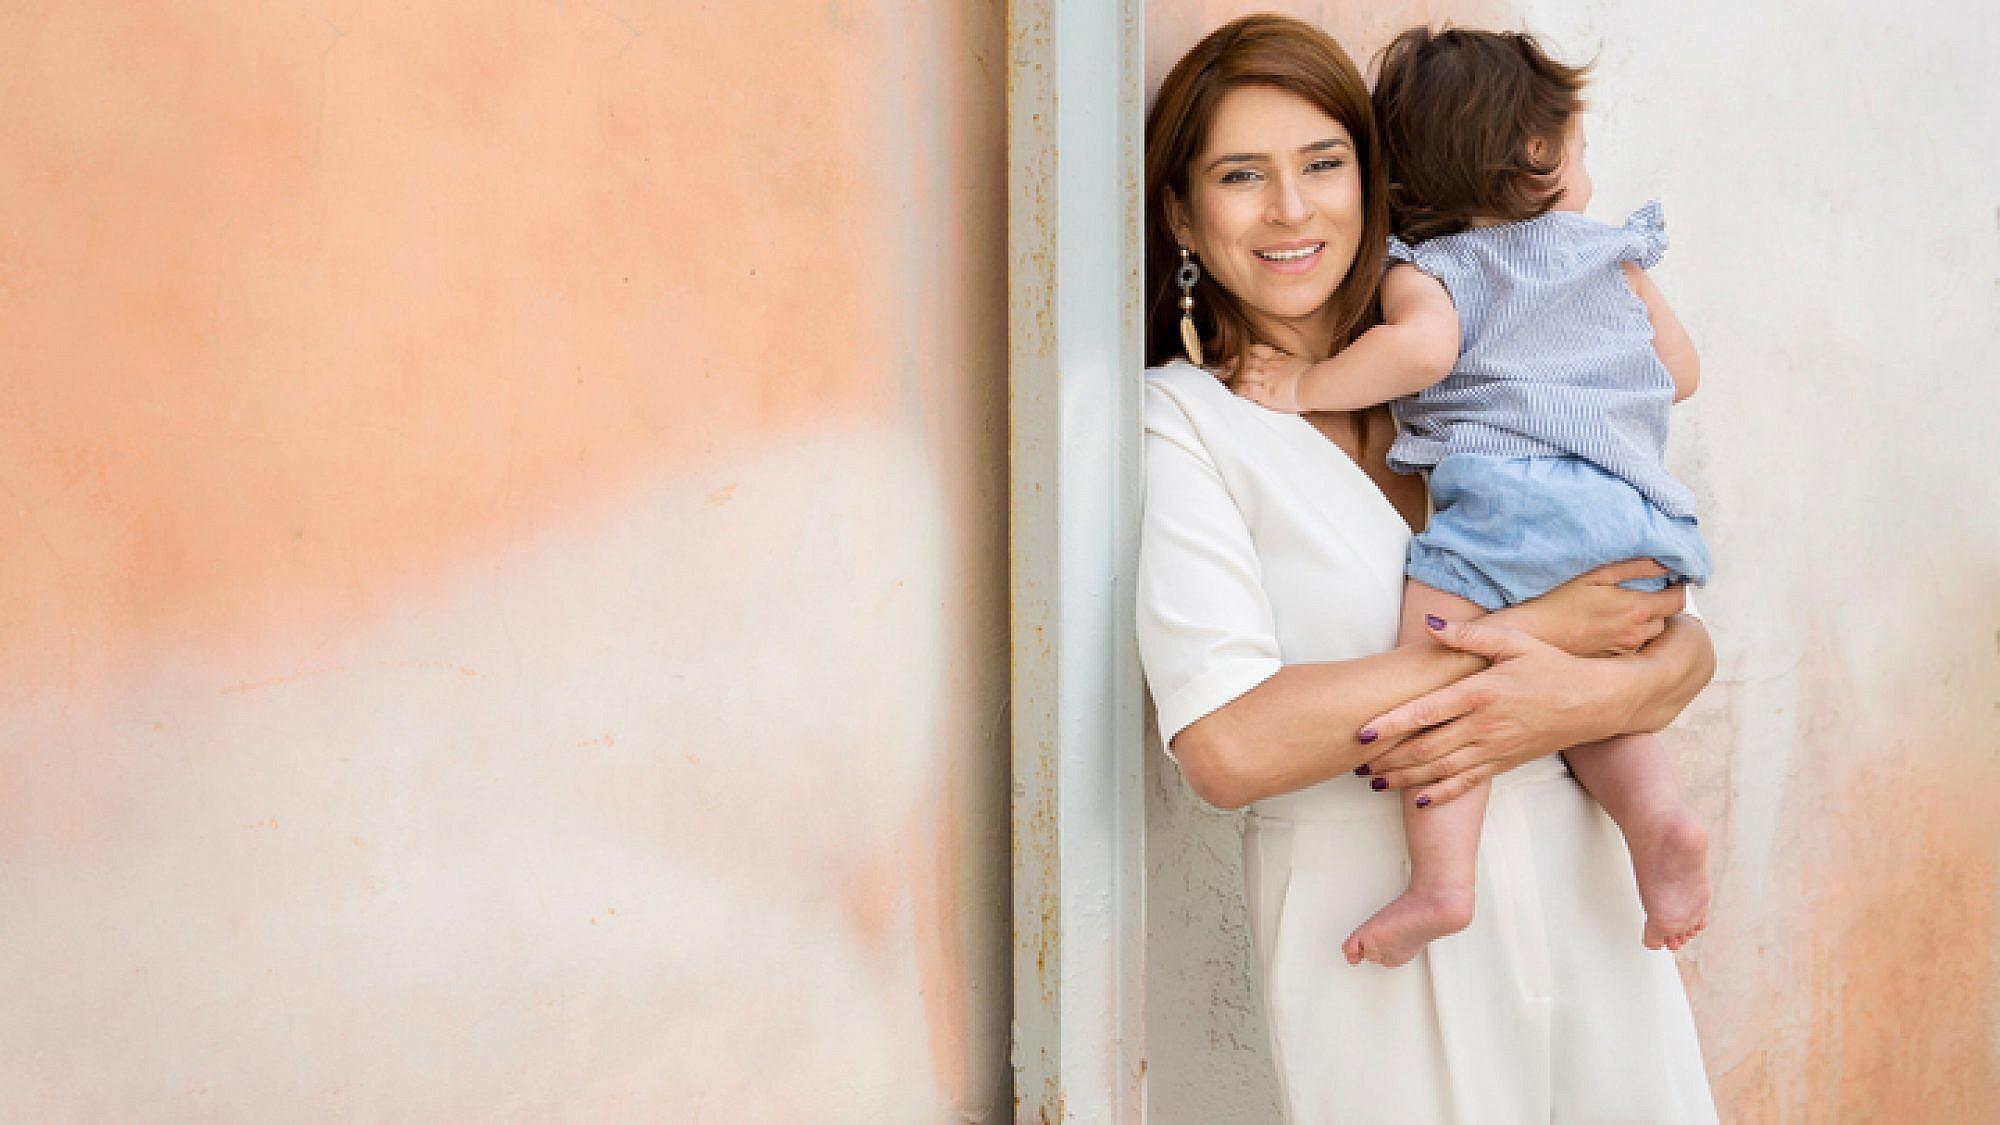 מירב בן ארי באוברול של מנגו, עגילים מסטרדיווריוס. אריאל התינוקת במכנסיים וחולצה מזארה | צילום: ענבל מרמרי, סטיילינג: ליאת גרין